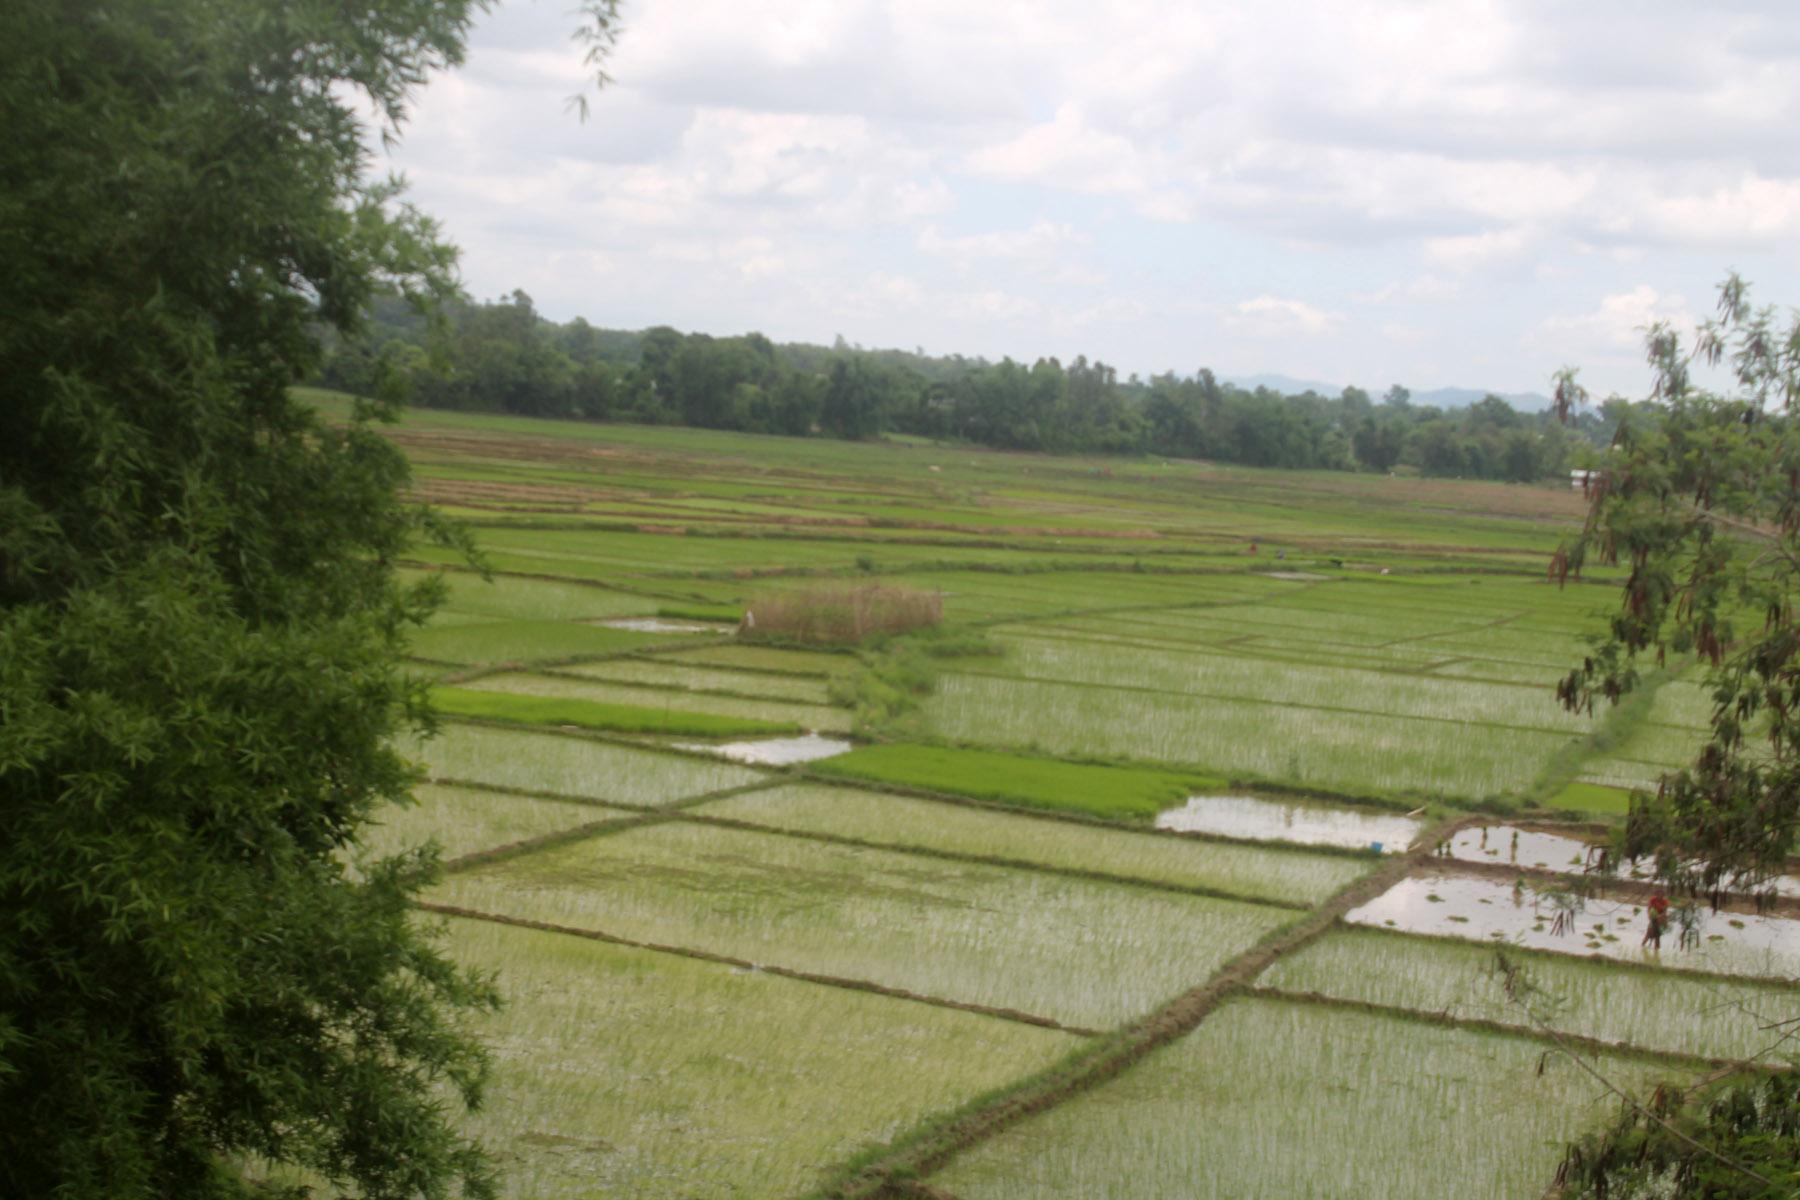 बाढी र हावाहुरीले कृषि क्षेत्र तहसनहस, मन्त्रालयमा आउँदै क्षतिको आँकडा